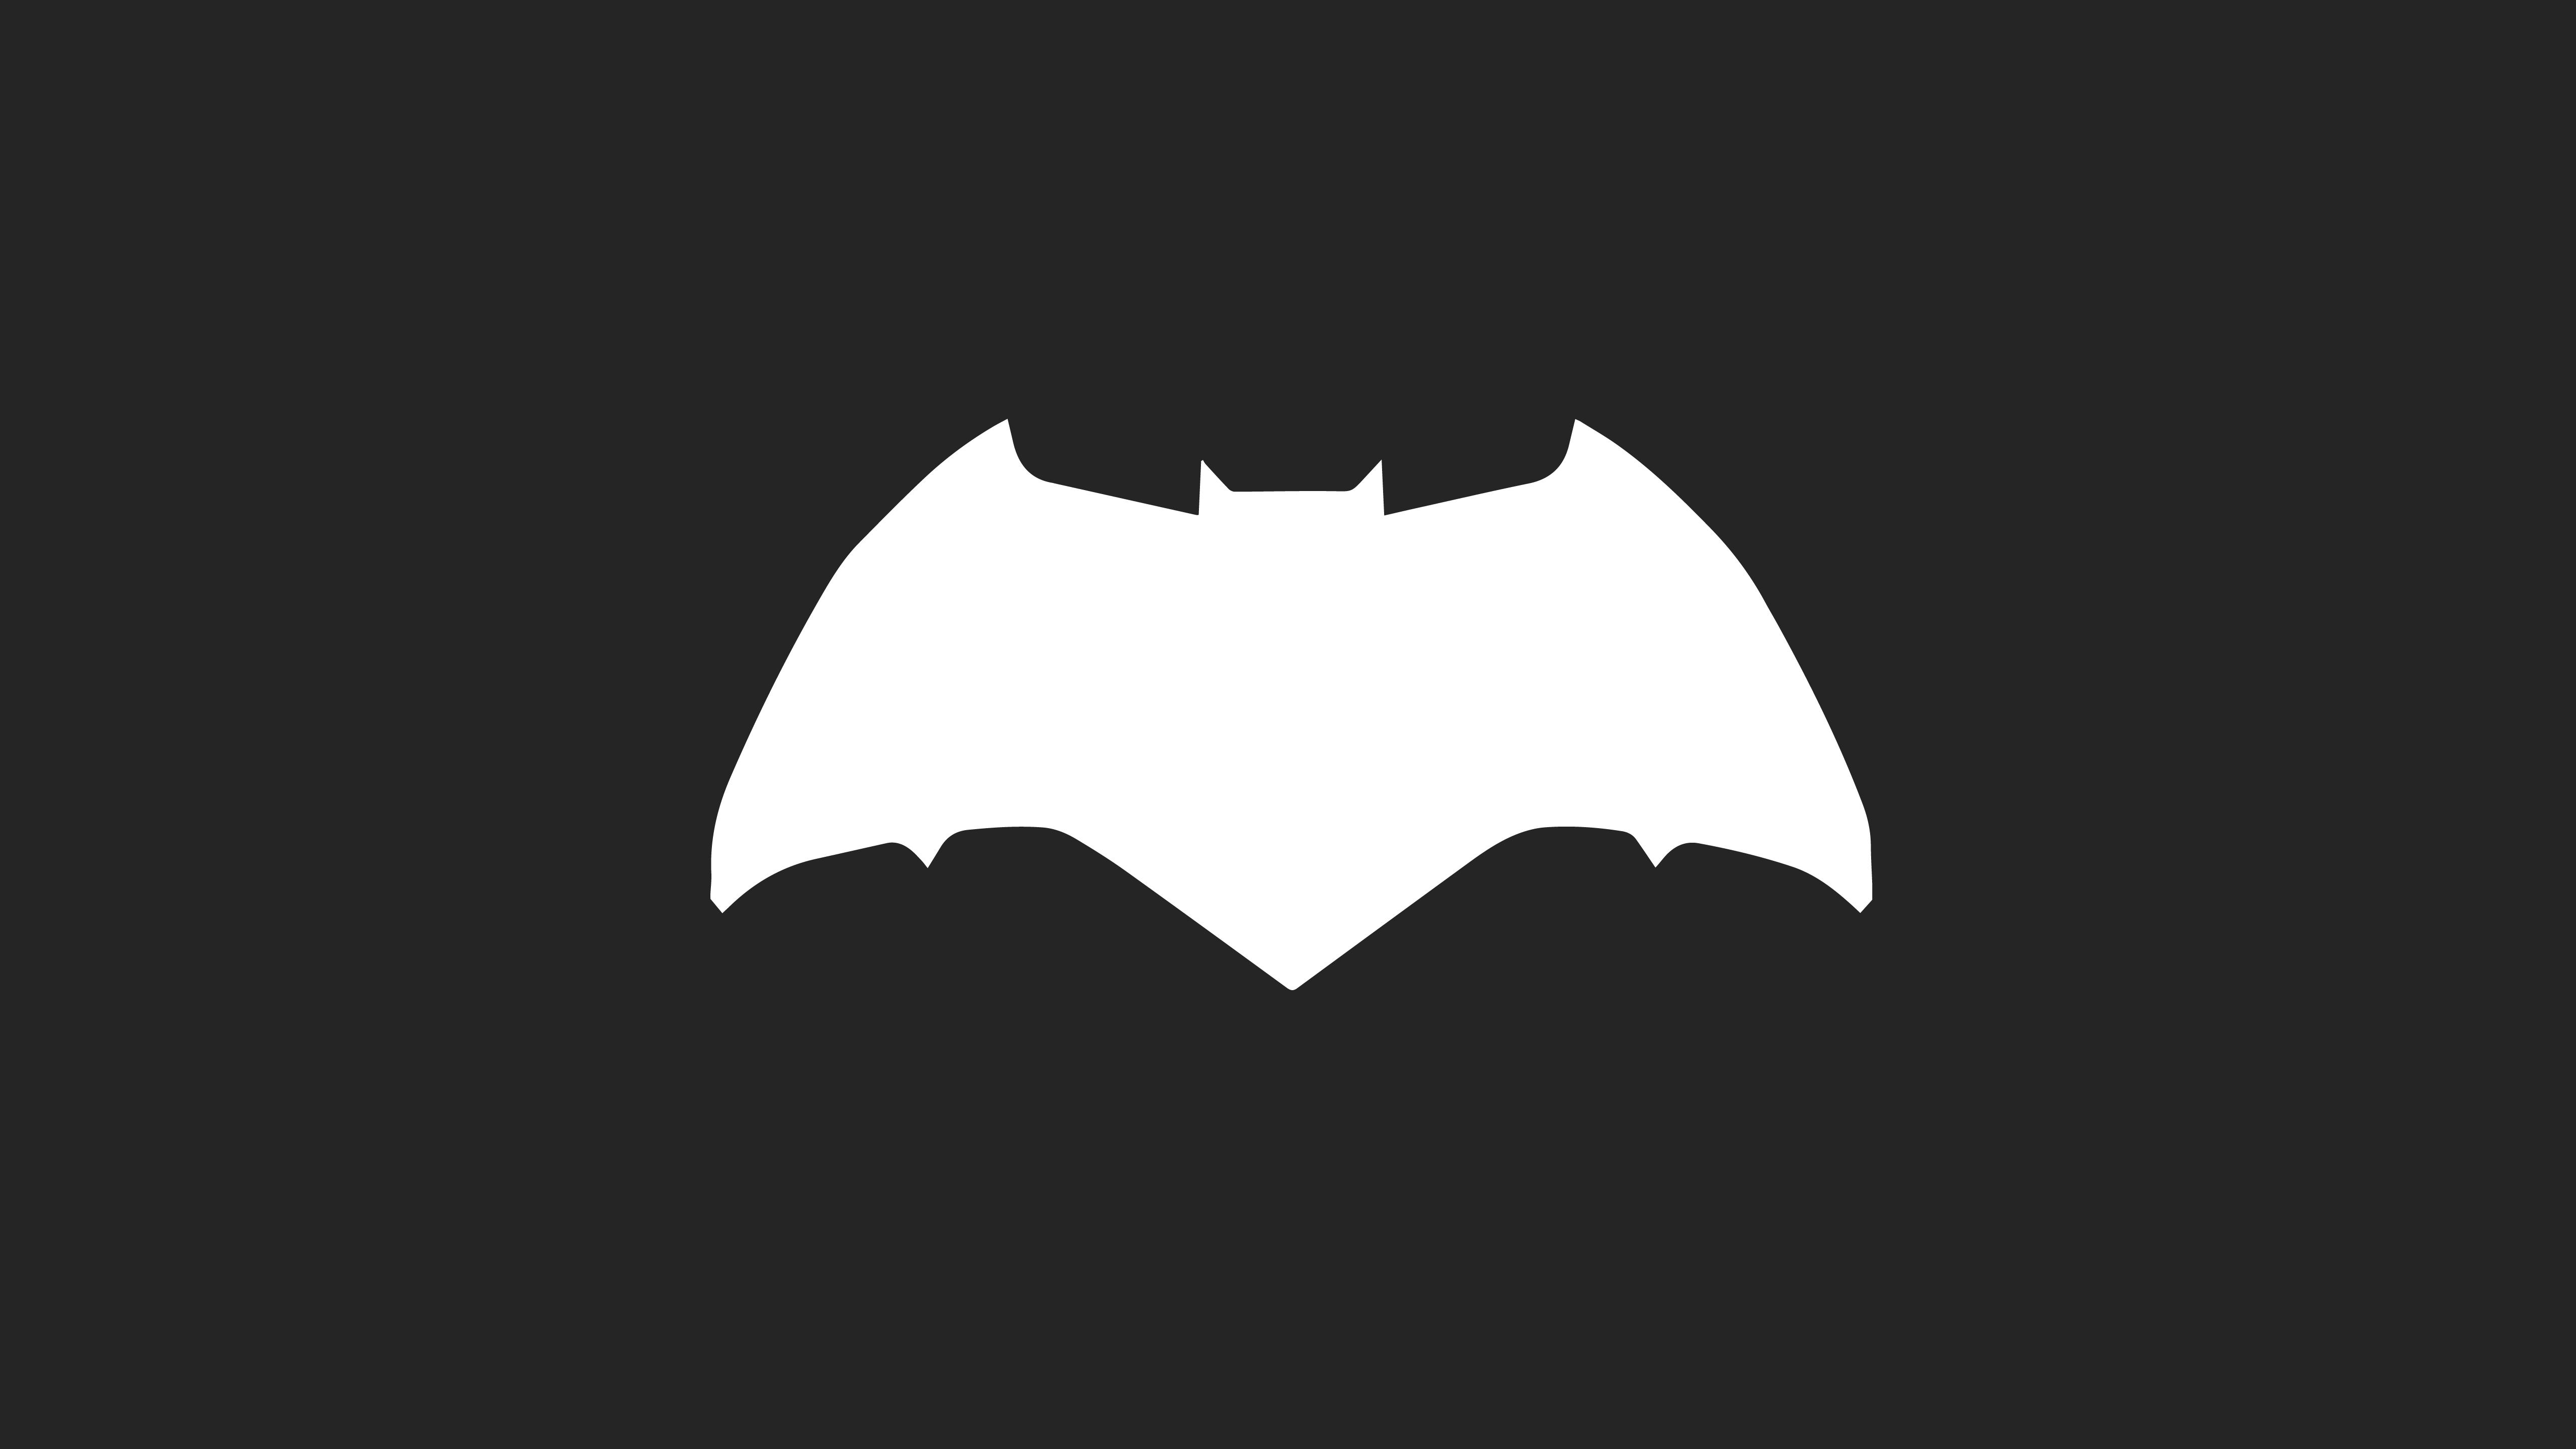 2048x1152 Batman Logo Minimalism 2048x1152 Resolution HD